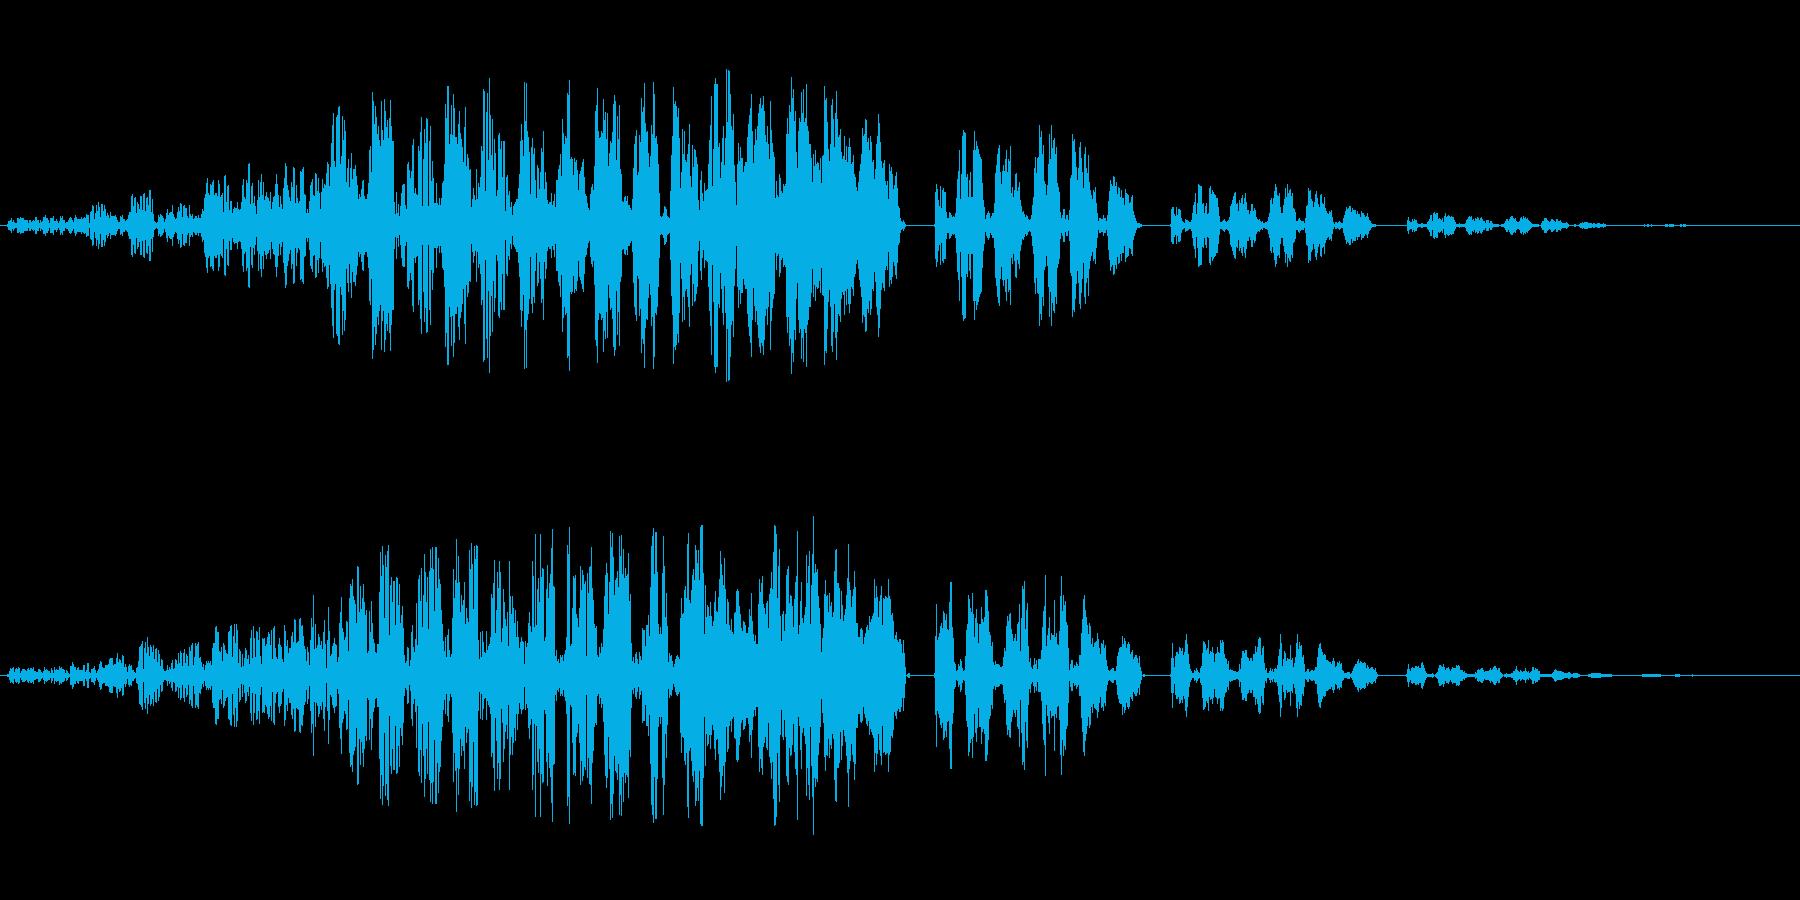 ブゥゥワワワン ブーワワワンの再生済みの波形